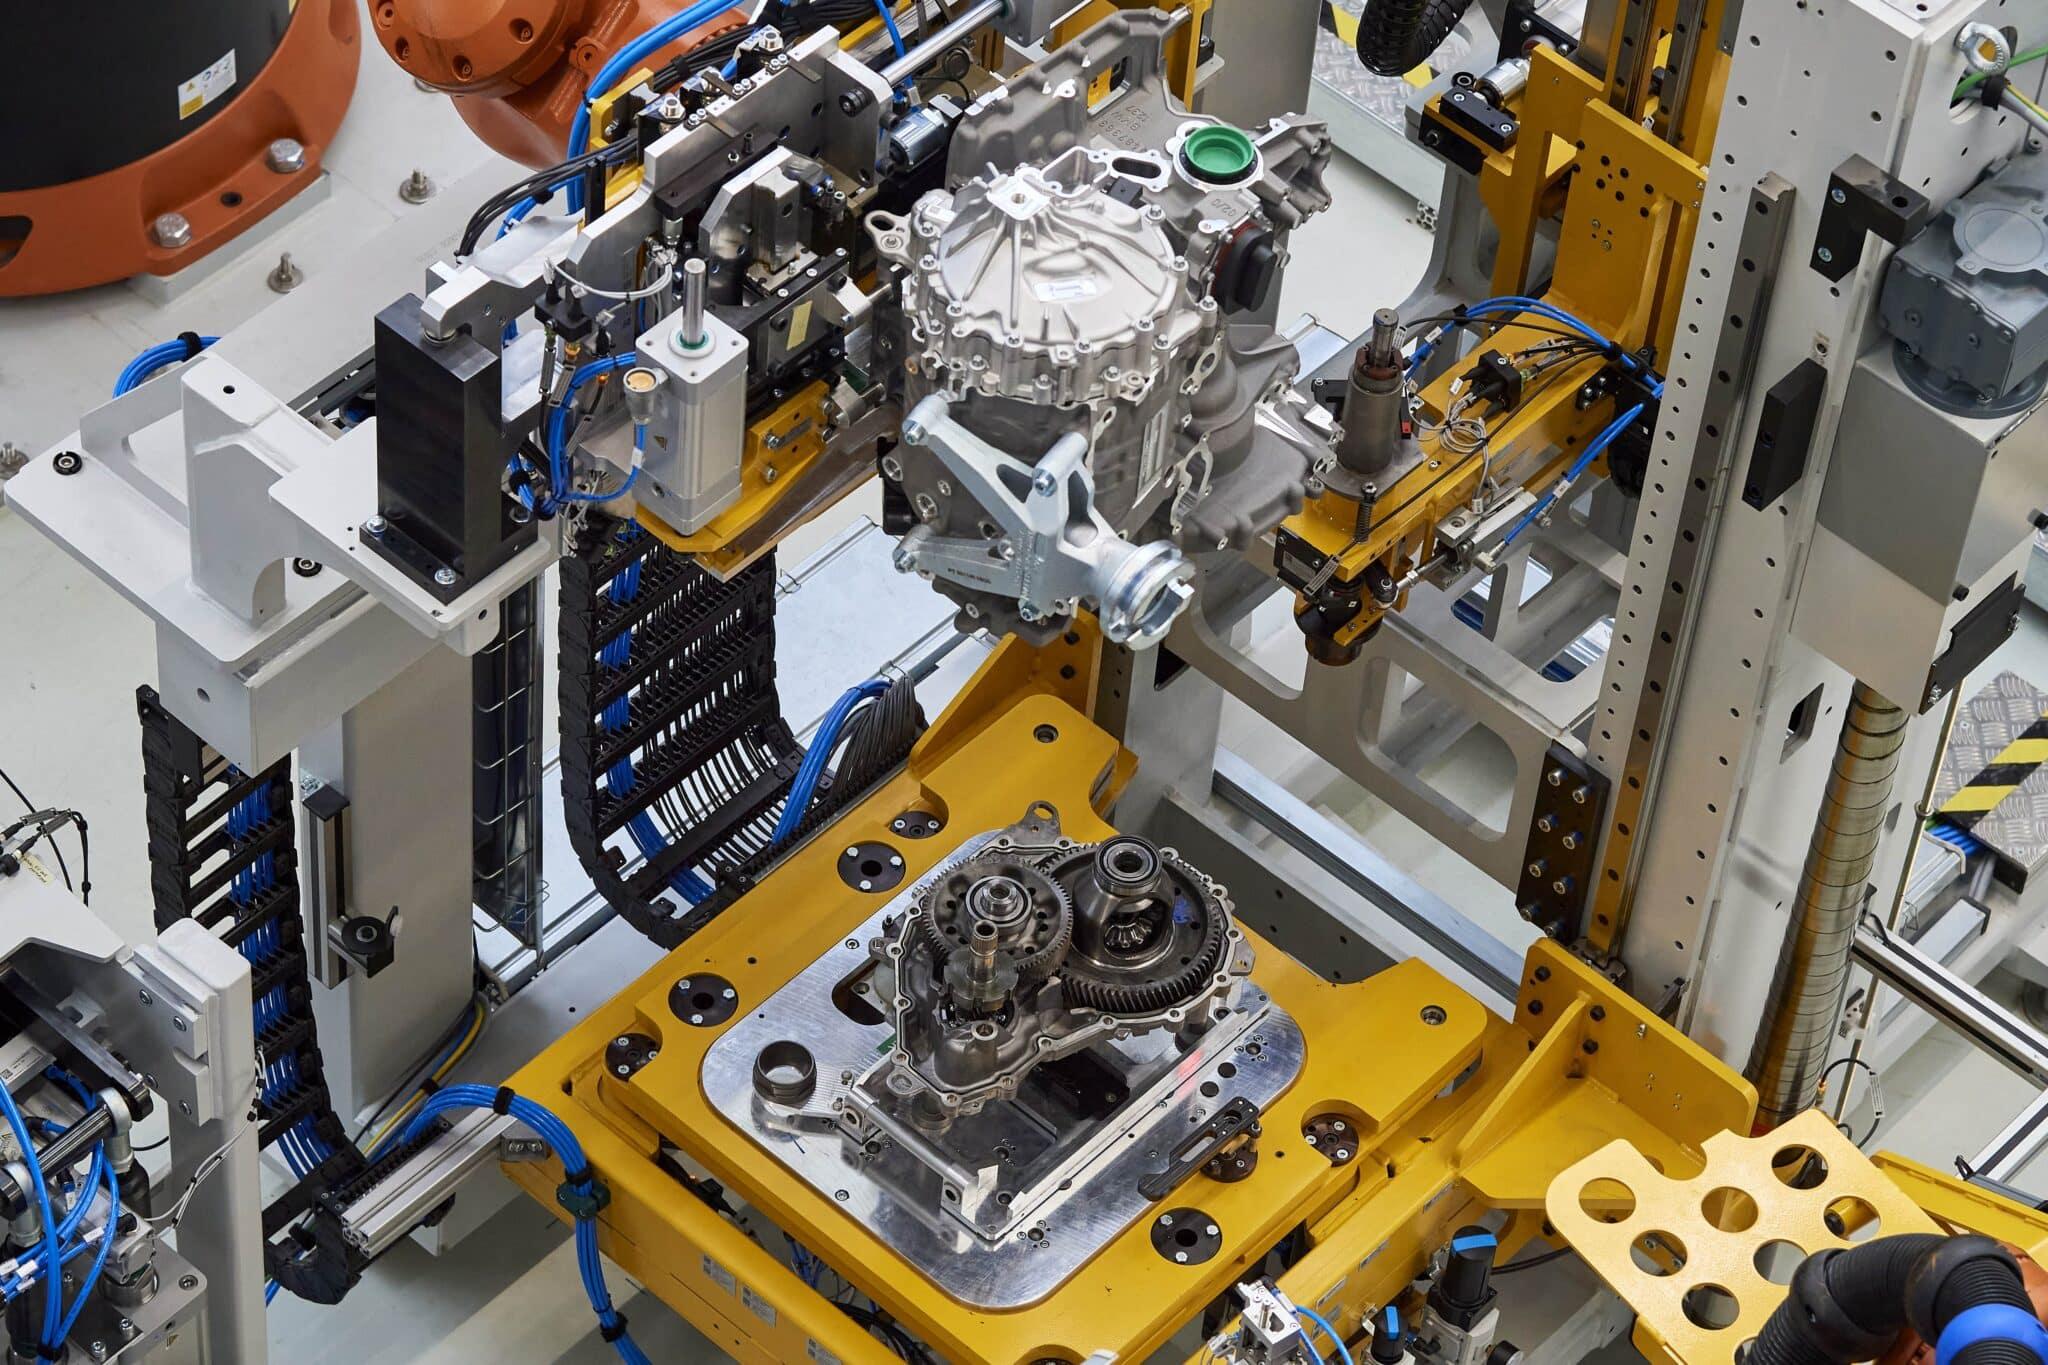 BMW Group beschleunigt Elektromobilität | P90392502 highRes min scaled